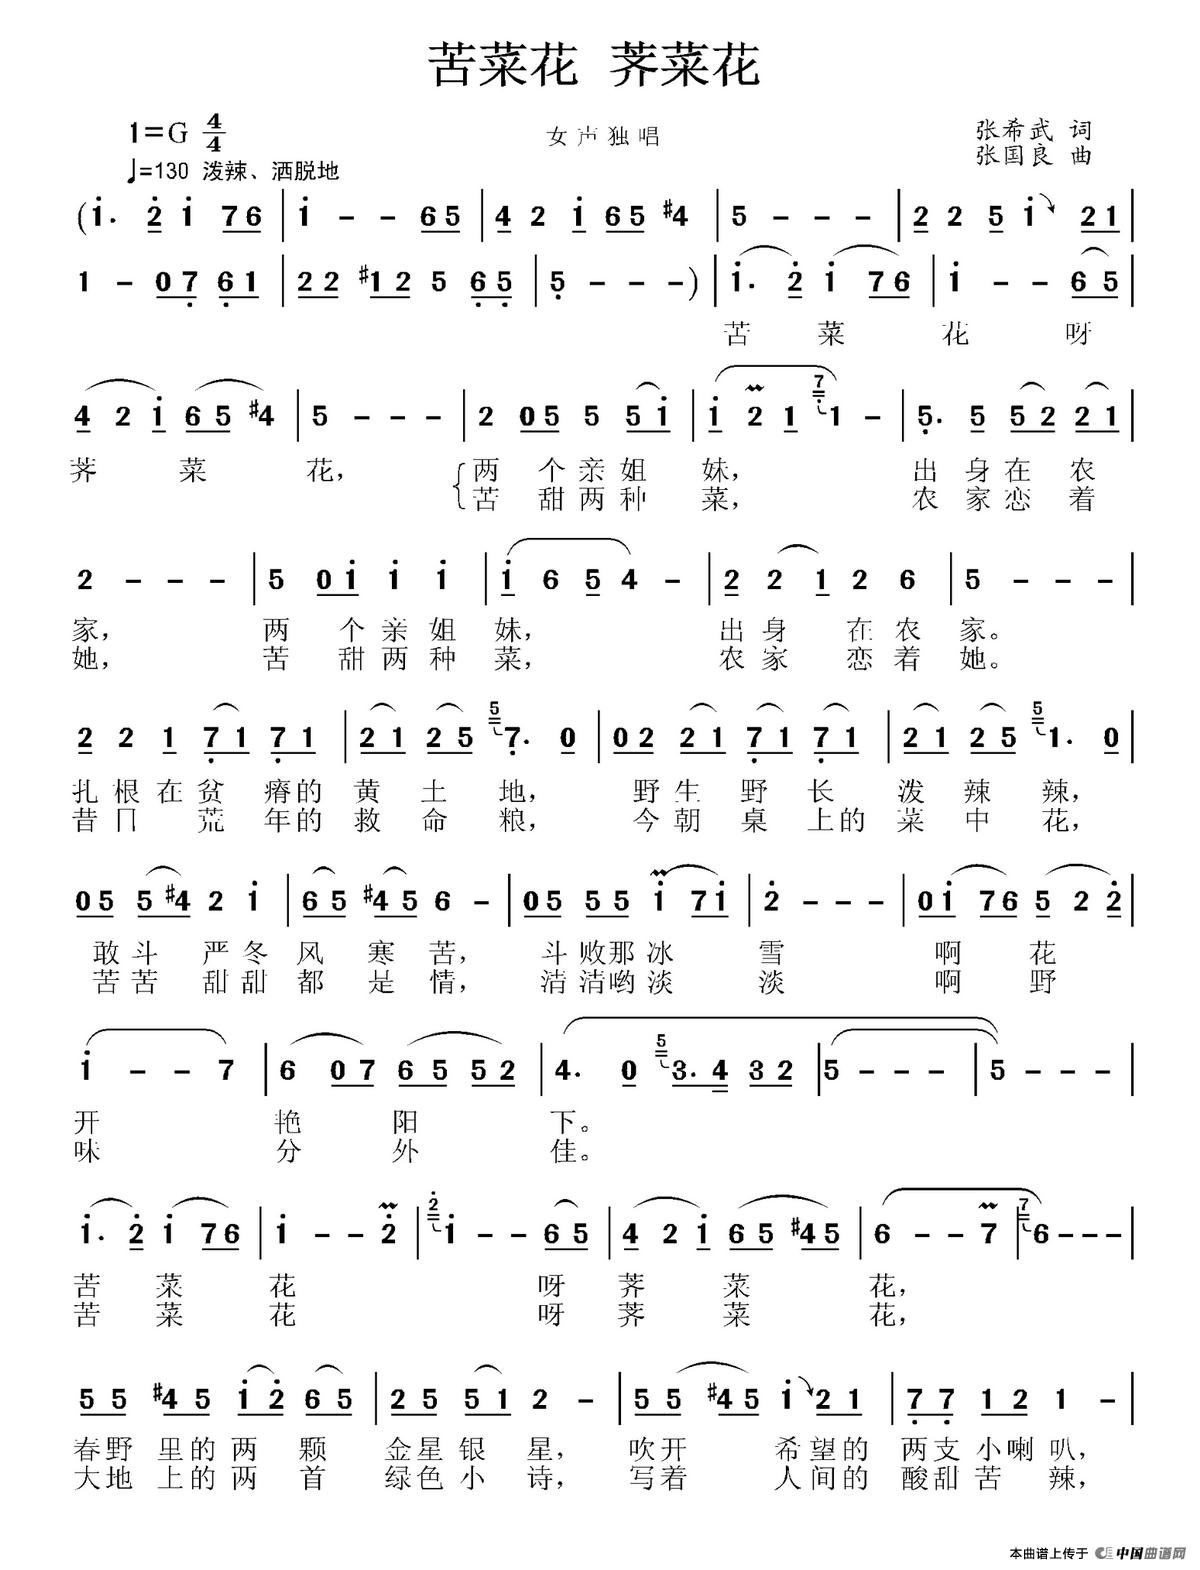 苦菜花 荠菜花简谱 民歌曲谱 中国曲谱网